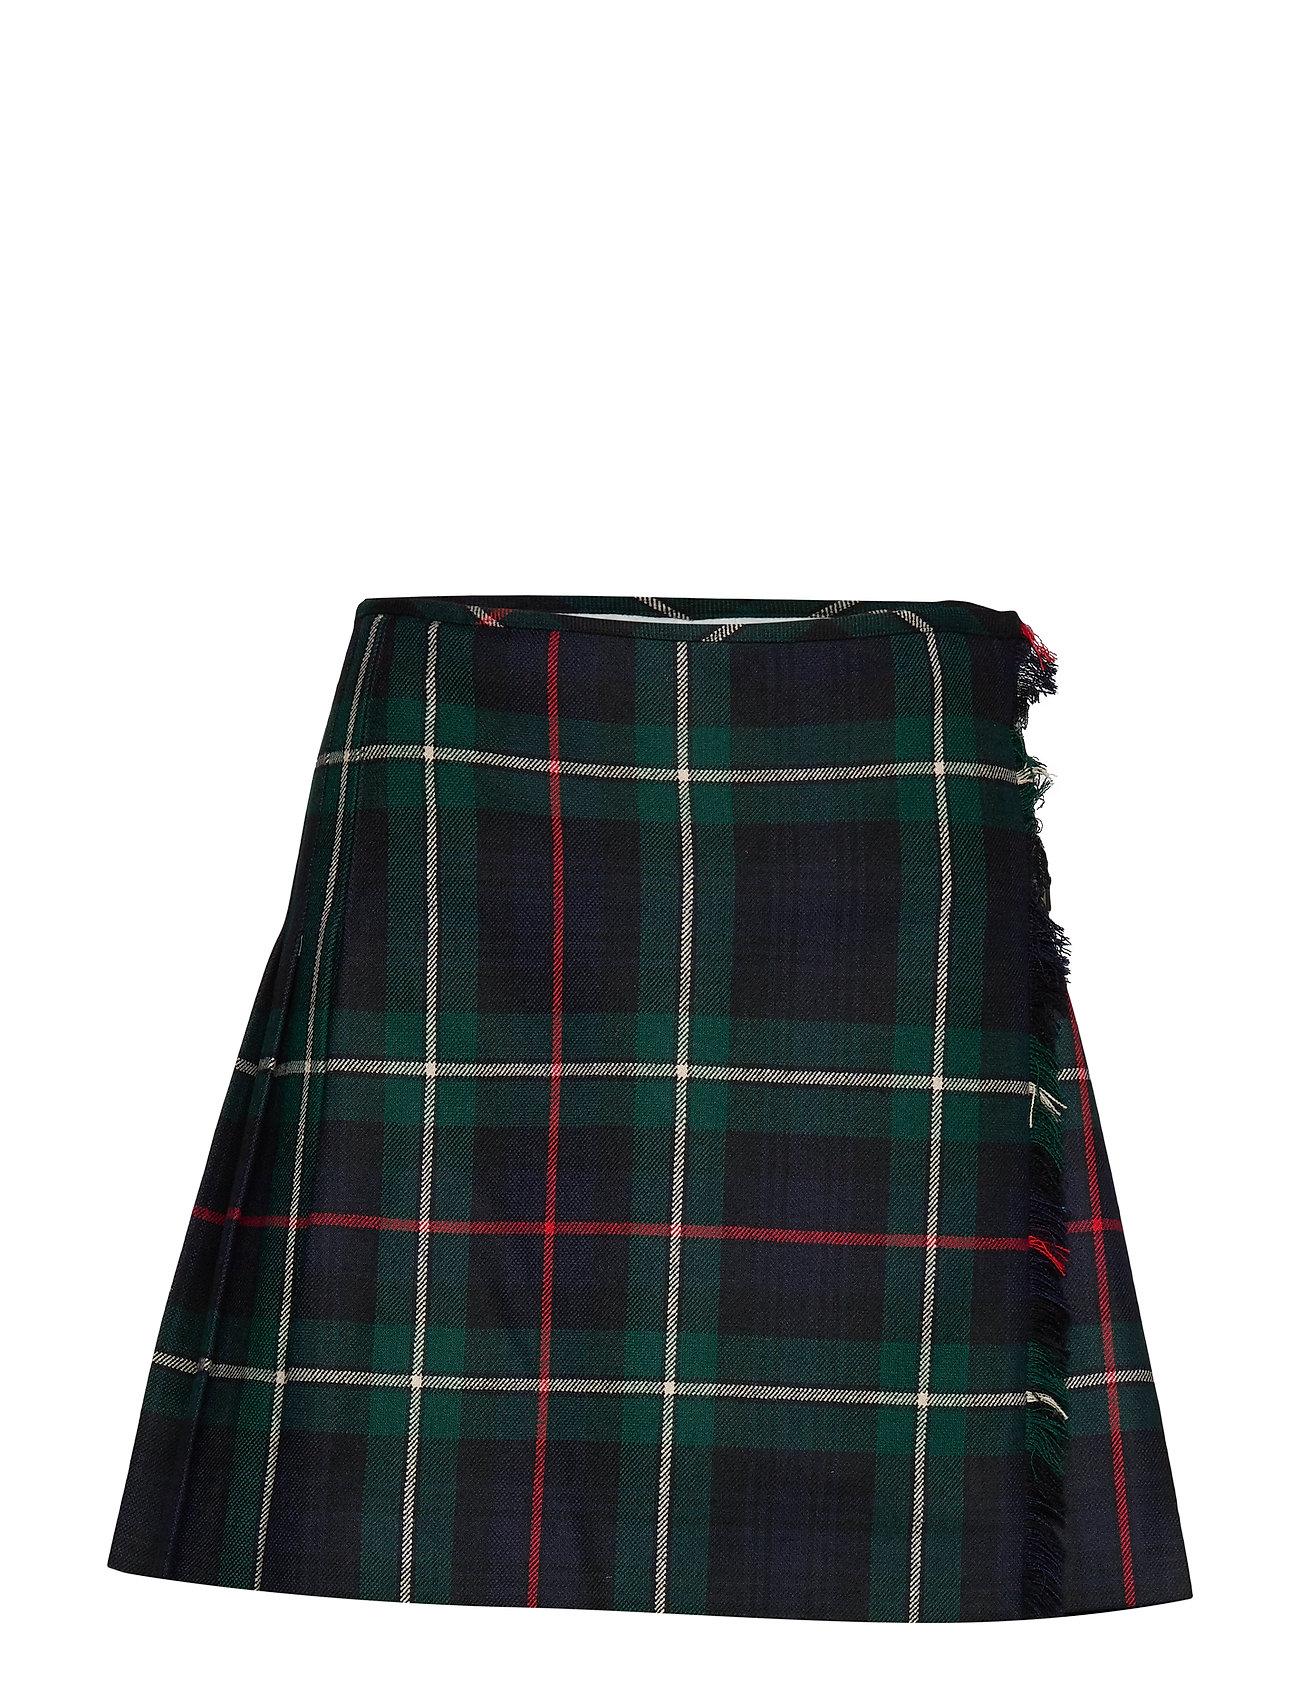 Polo Ralph Lauren Tartan Wool Miniskirt - STRLNG TART